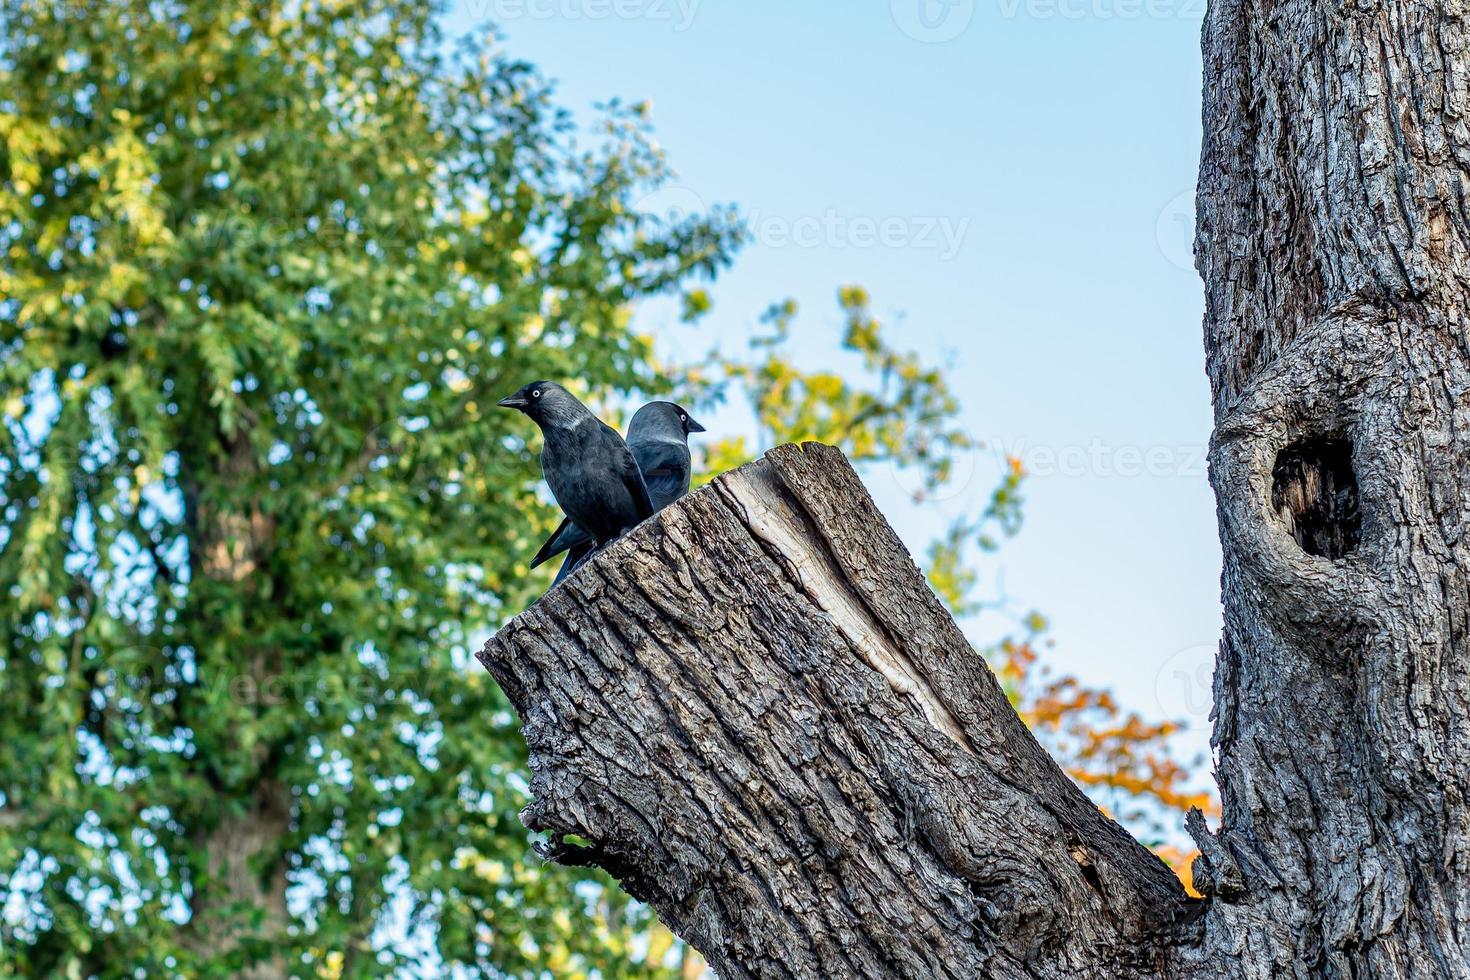 twee jack daw vogels zittend op een grote boomstam foto